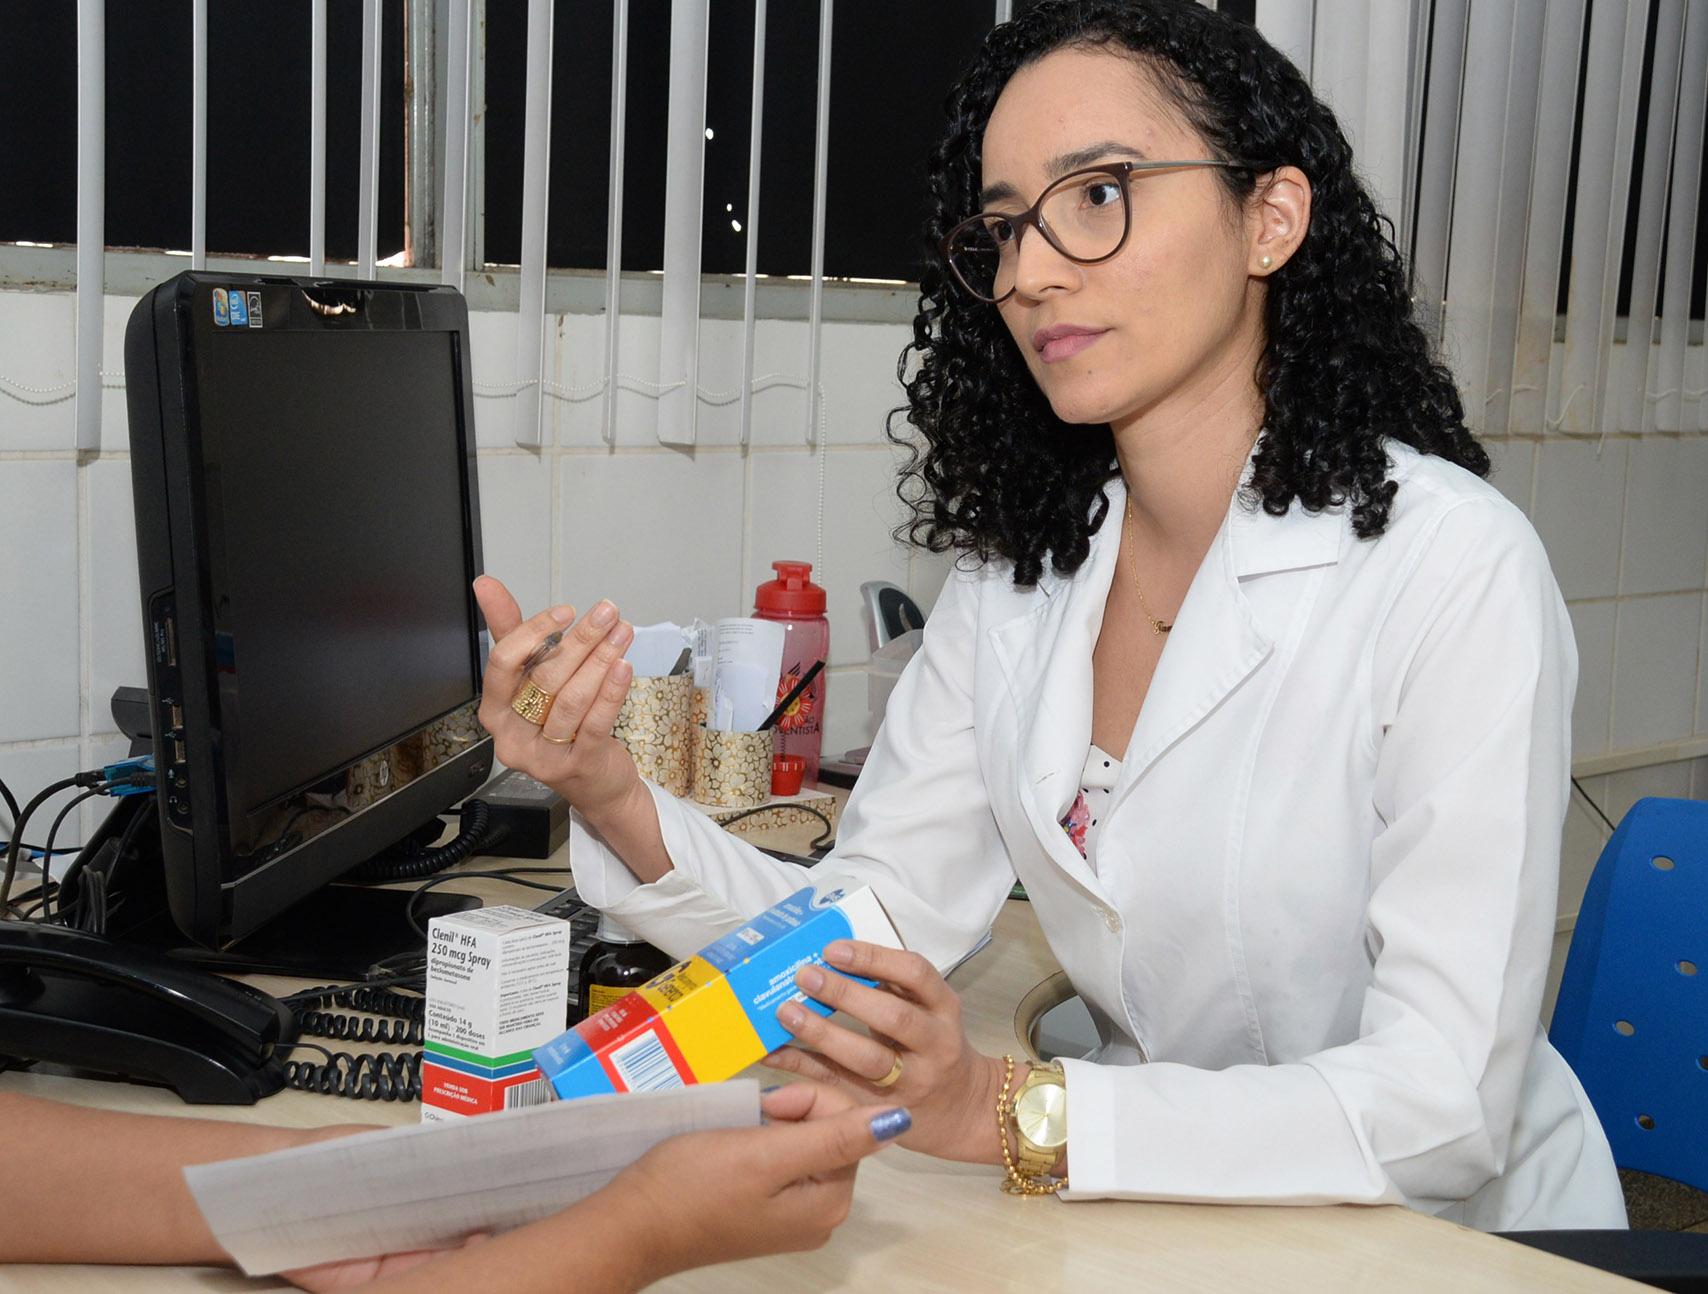 Farmacêuticos recebem curso sobre atendimento clínico e prescrição de medicamentos